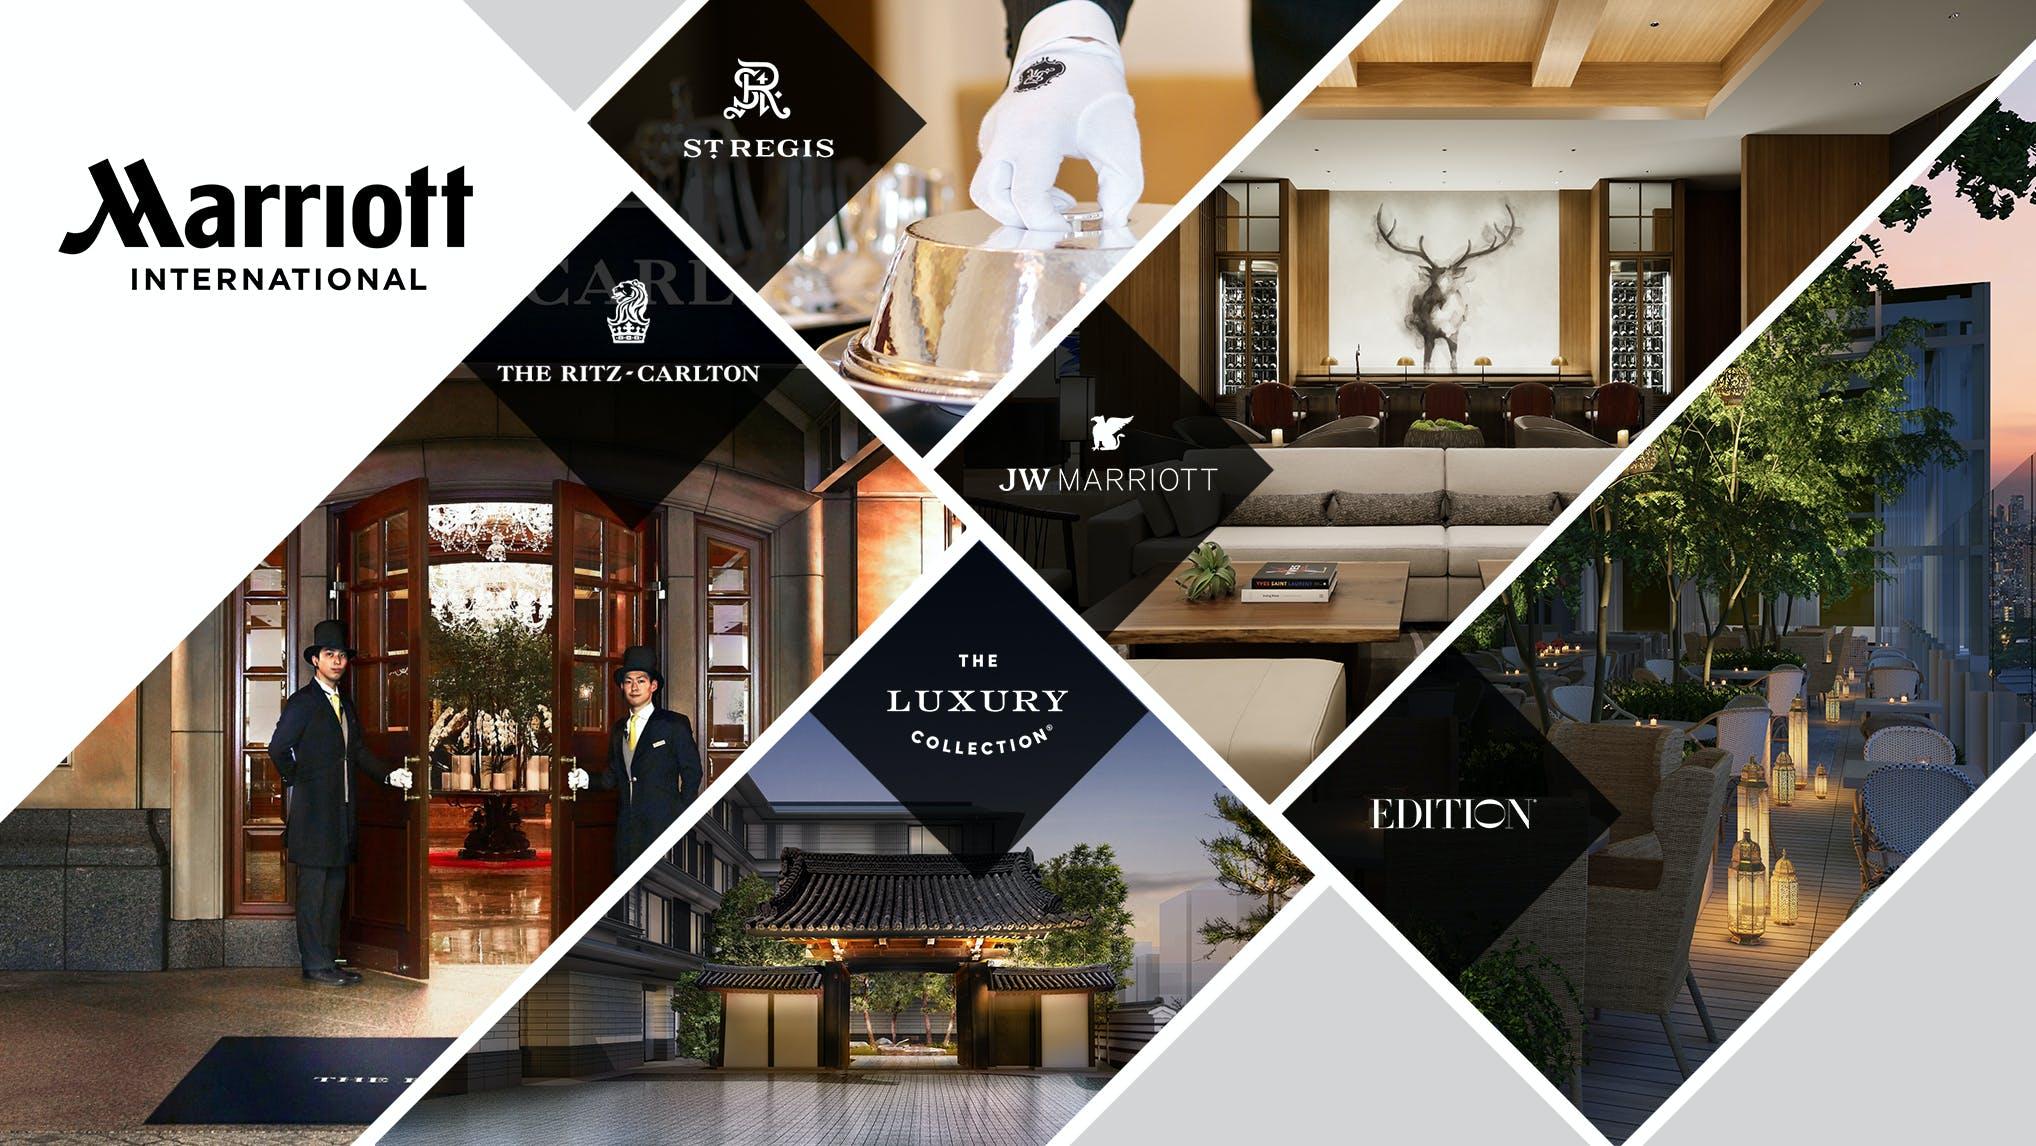 ラグジュアリーホテルチェーン「マリオット・インターナショナル」  のハイグレードな5ブランド特集